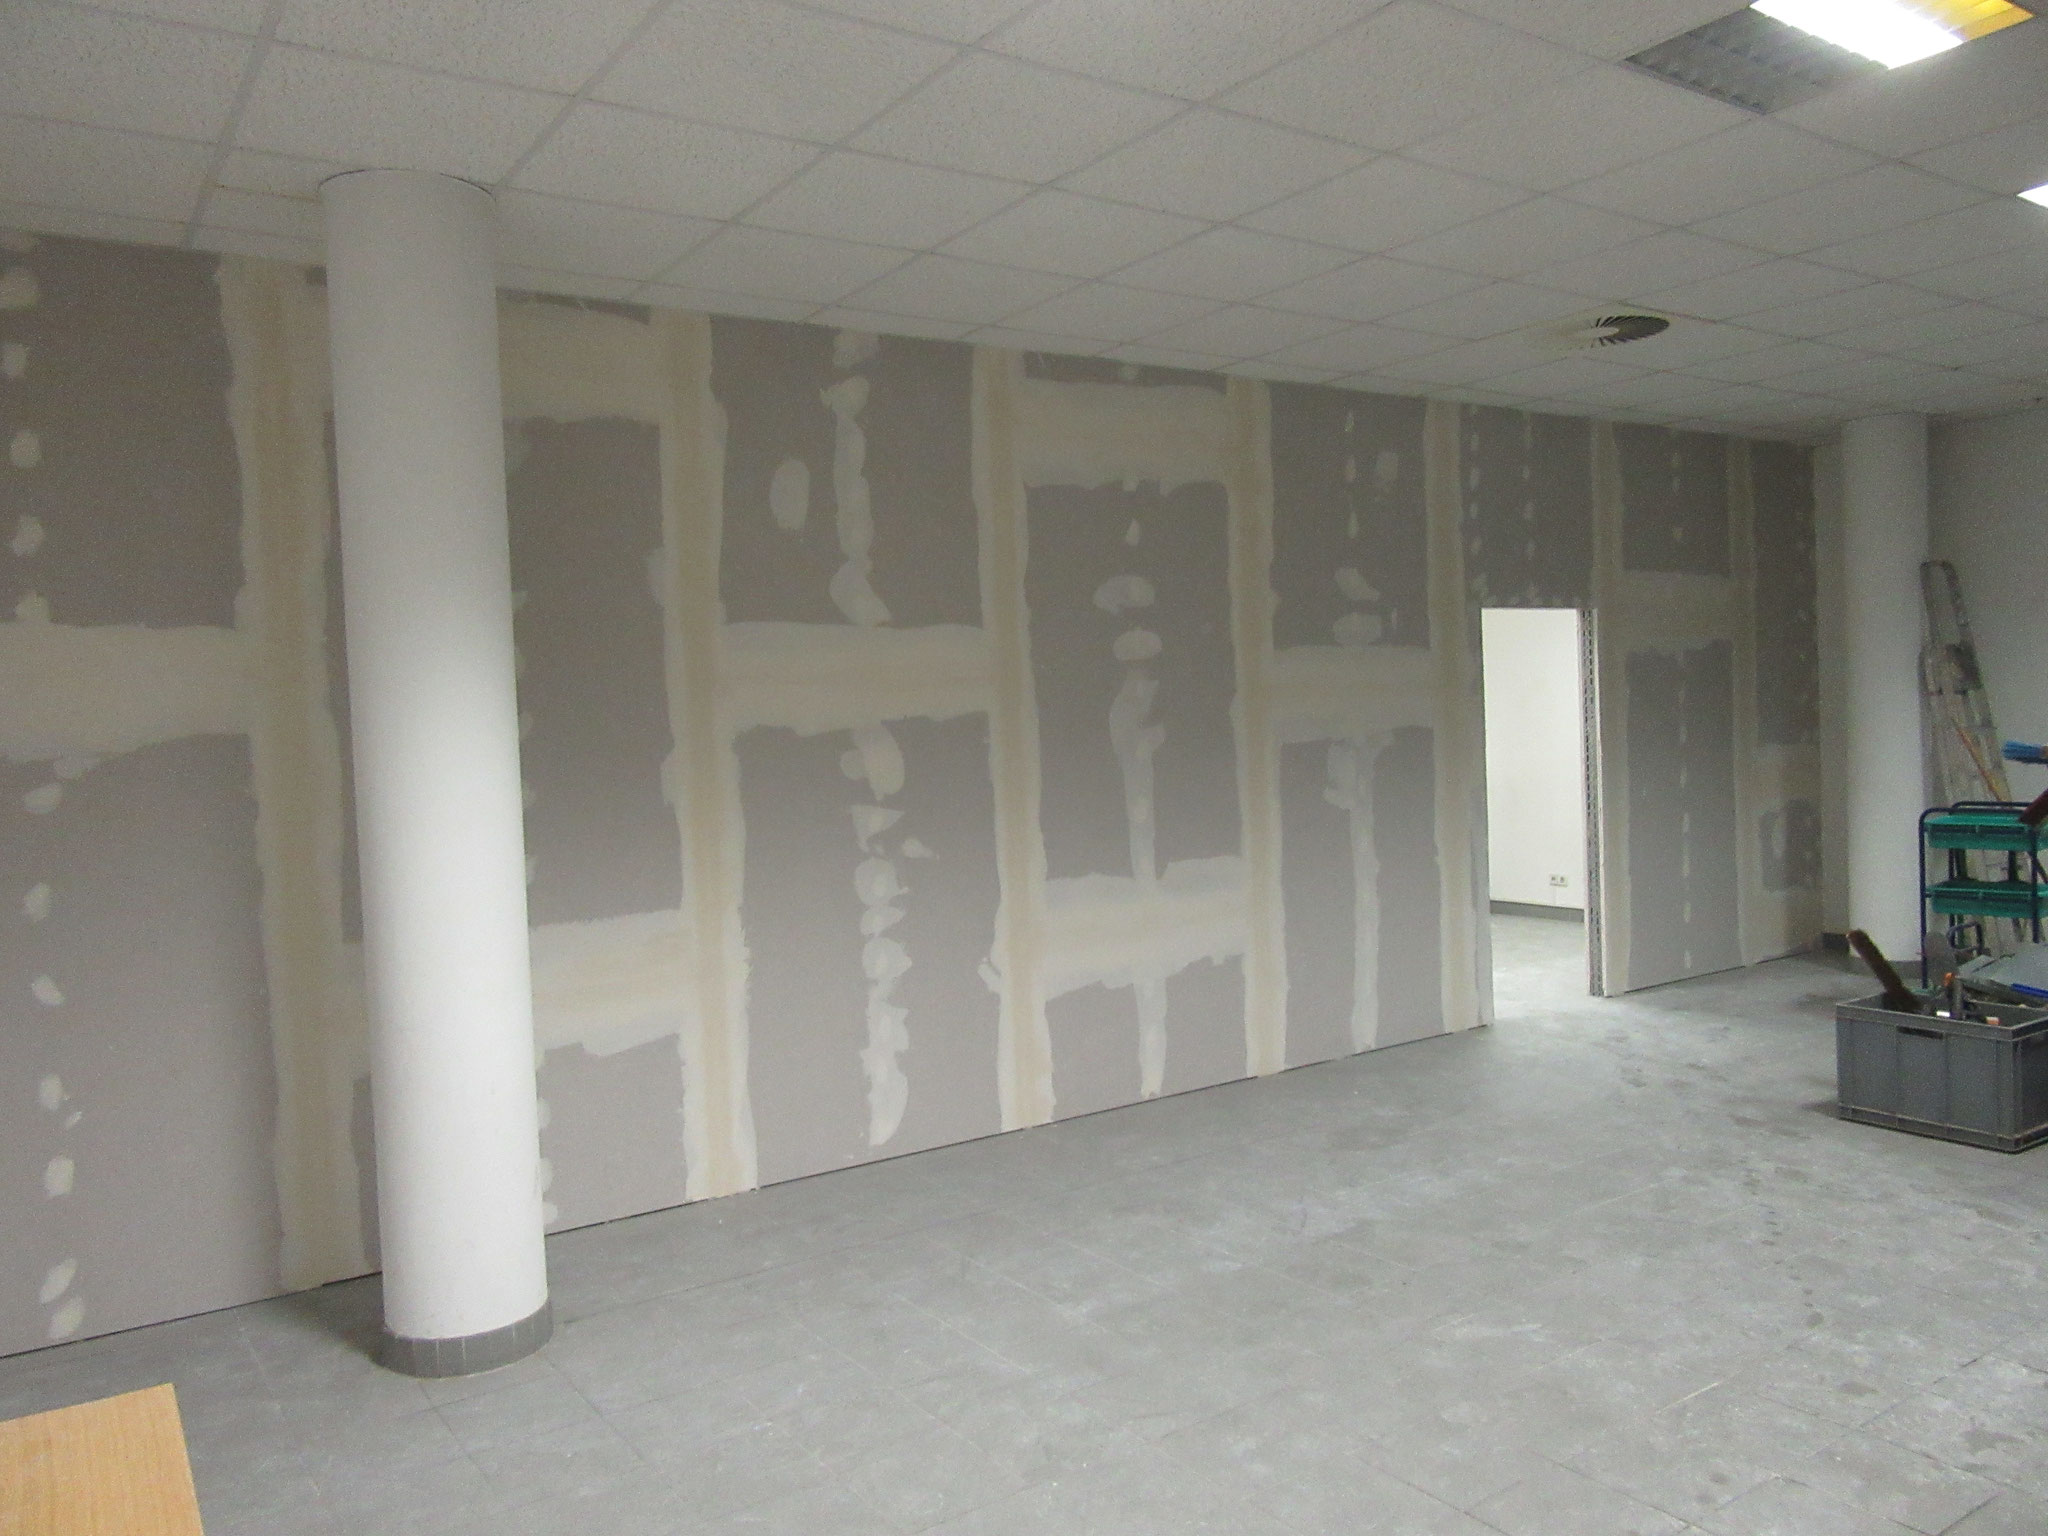 Decke wieder an die Wand angearbeitet und die Wand gespachtelt